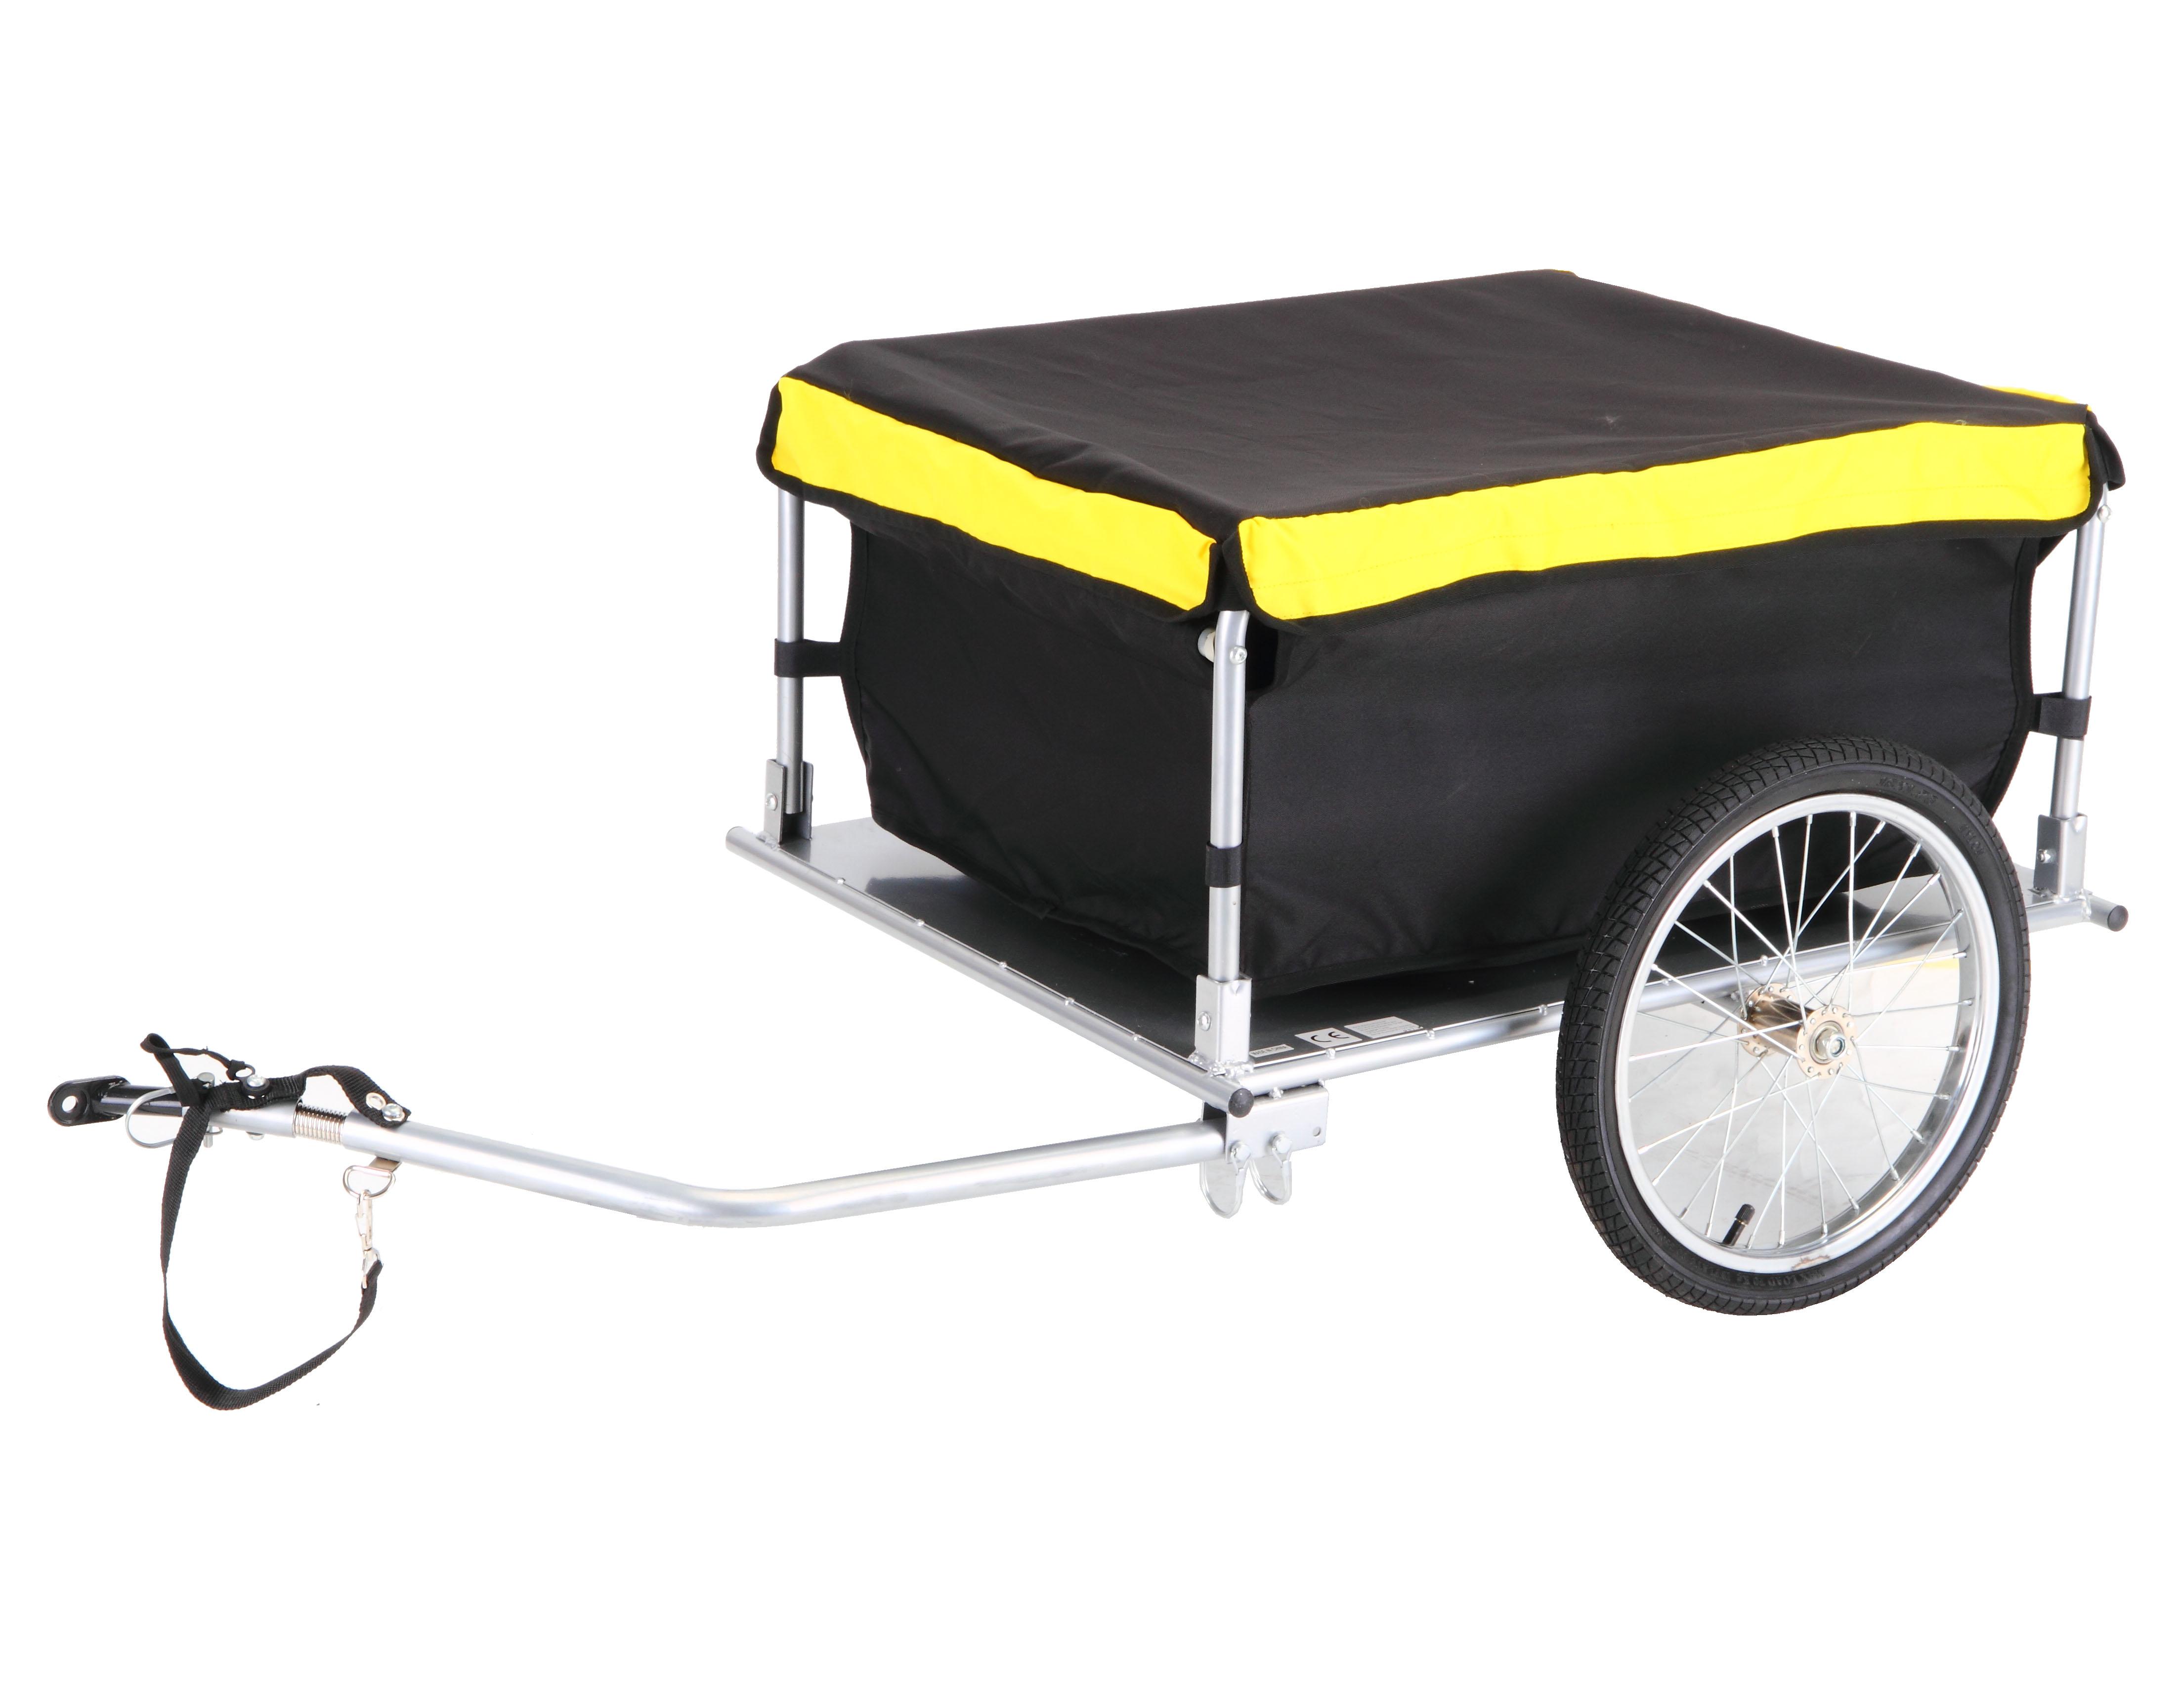 rad fahrrad anh nger gep ck camping fischen neu ebay. Black Bedroom Furniture Sets. Home Design Ideas